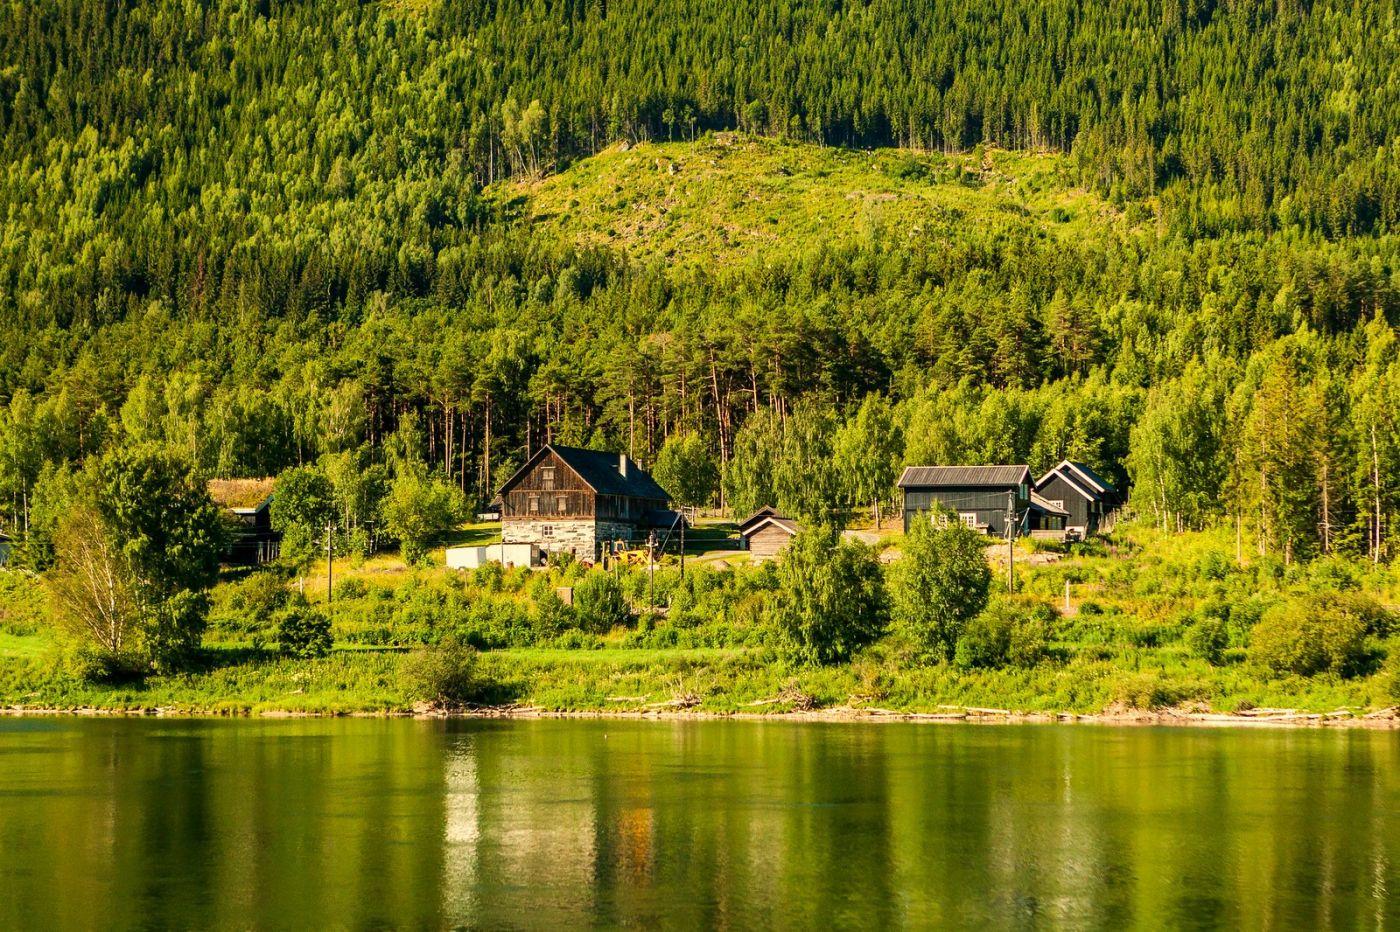 北欧风光,风景美如画_图1-12